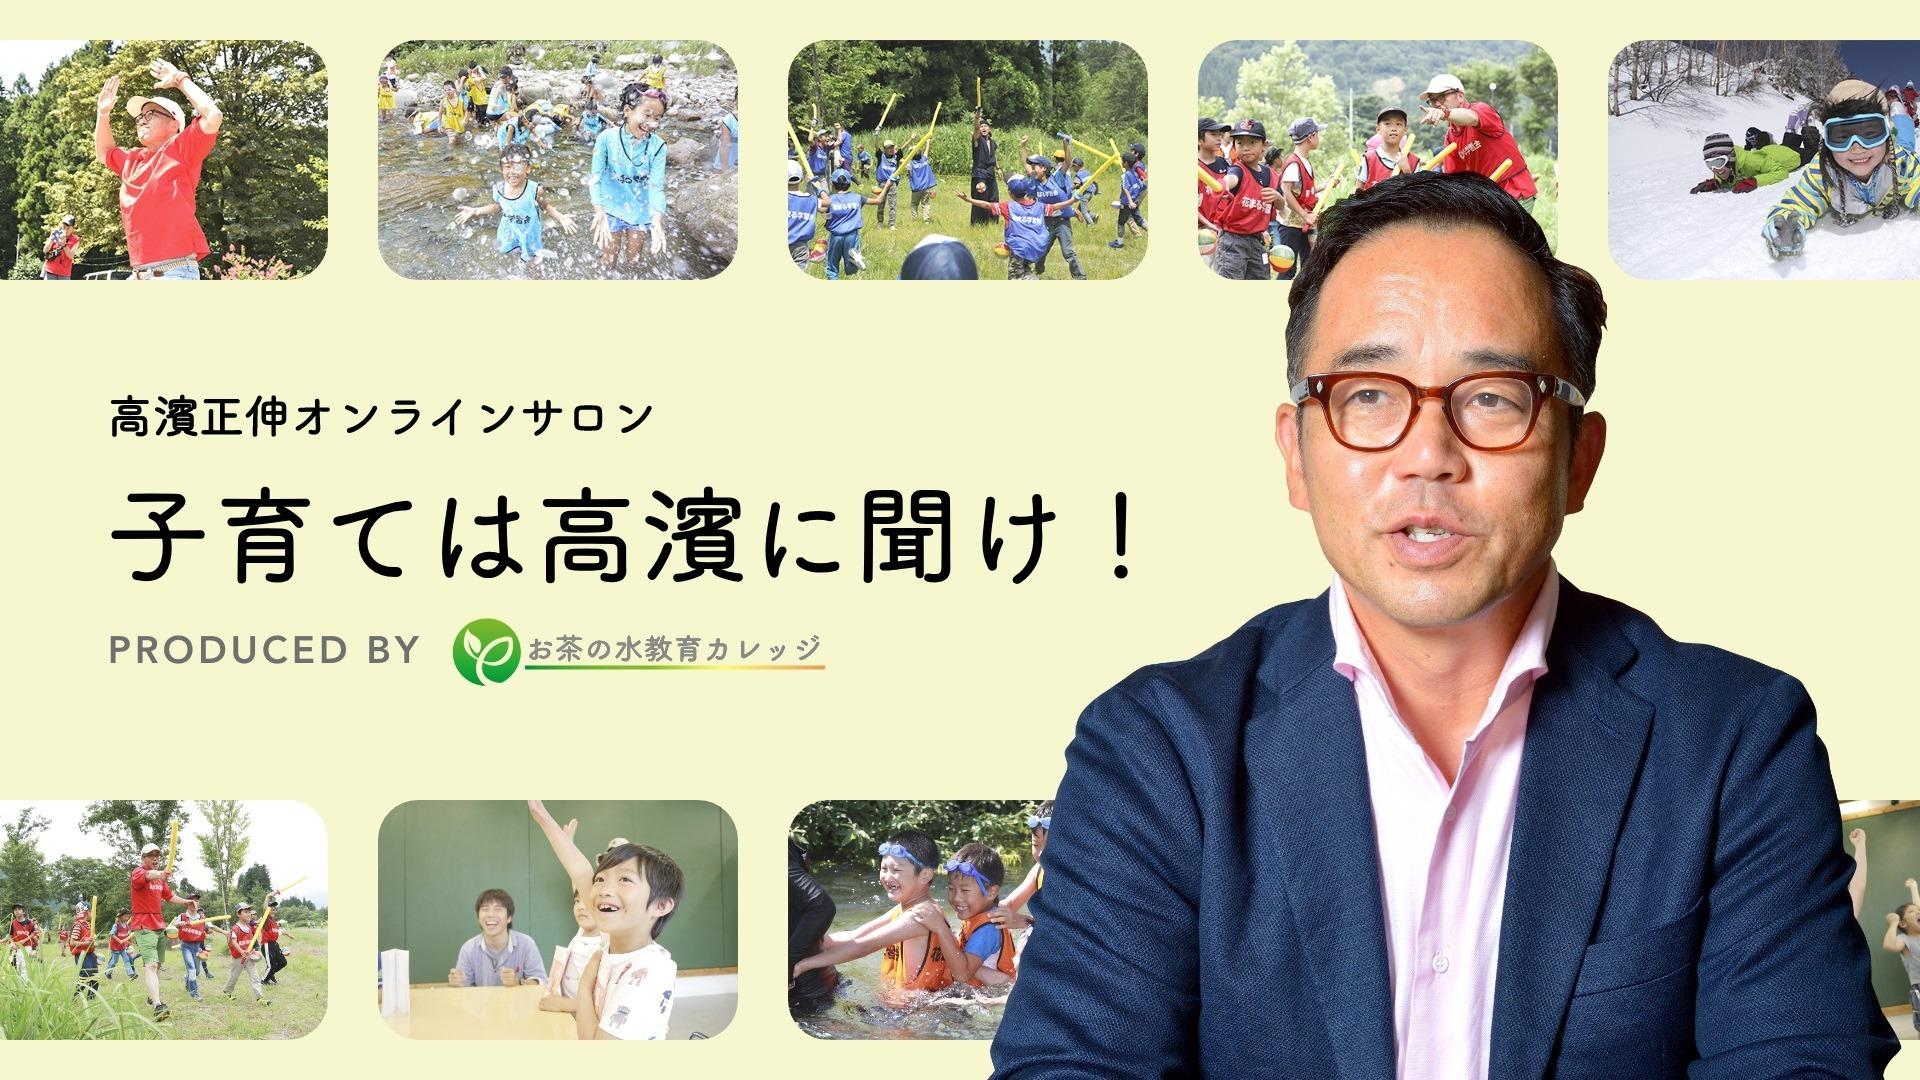 高濱正伸オンラインサロン「子育ては高濱に聞け!」